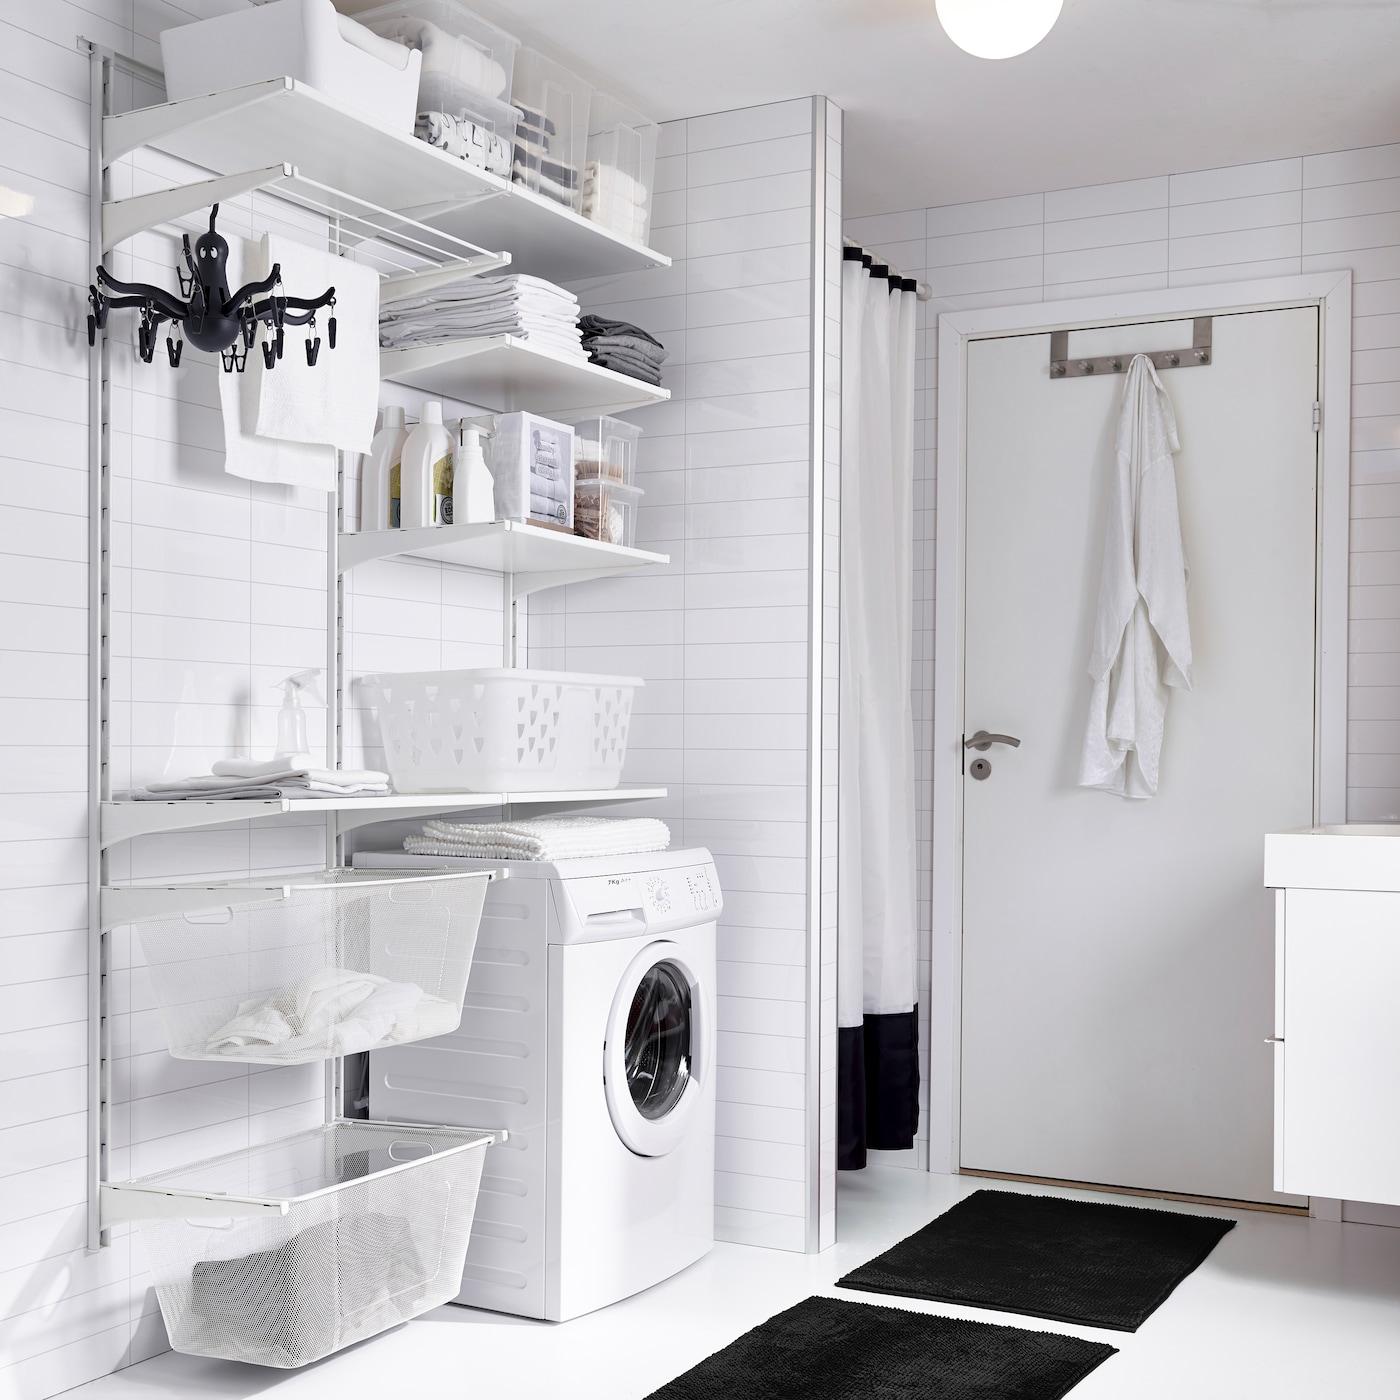 IKEA ALGOT väggskenor och hyllor i vitt i ett annars ljust badrum med svarta detaljer i form av badrumsmatta och duschdraperi.